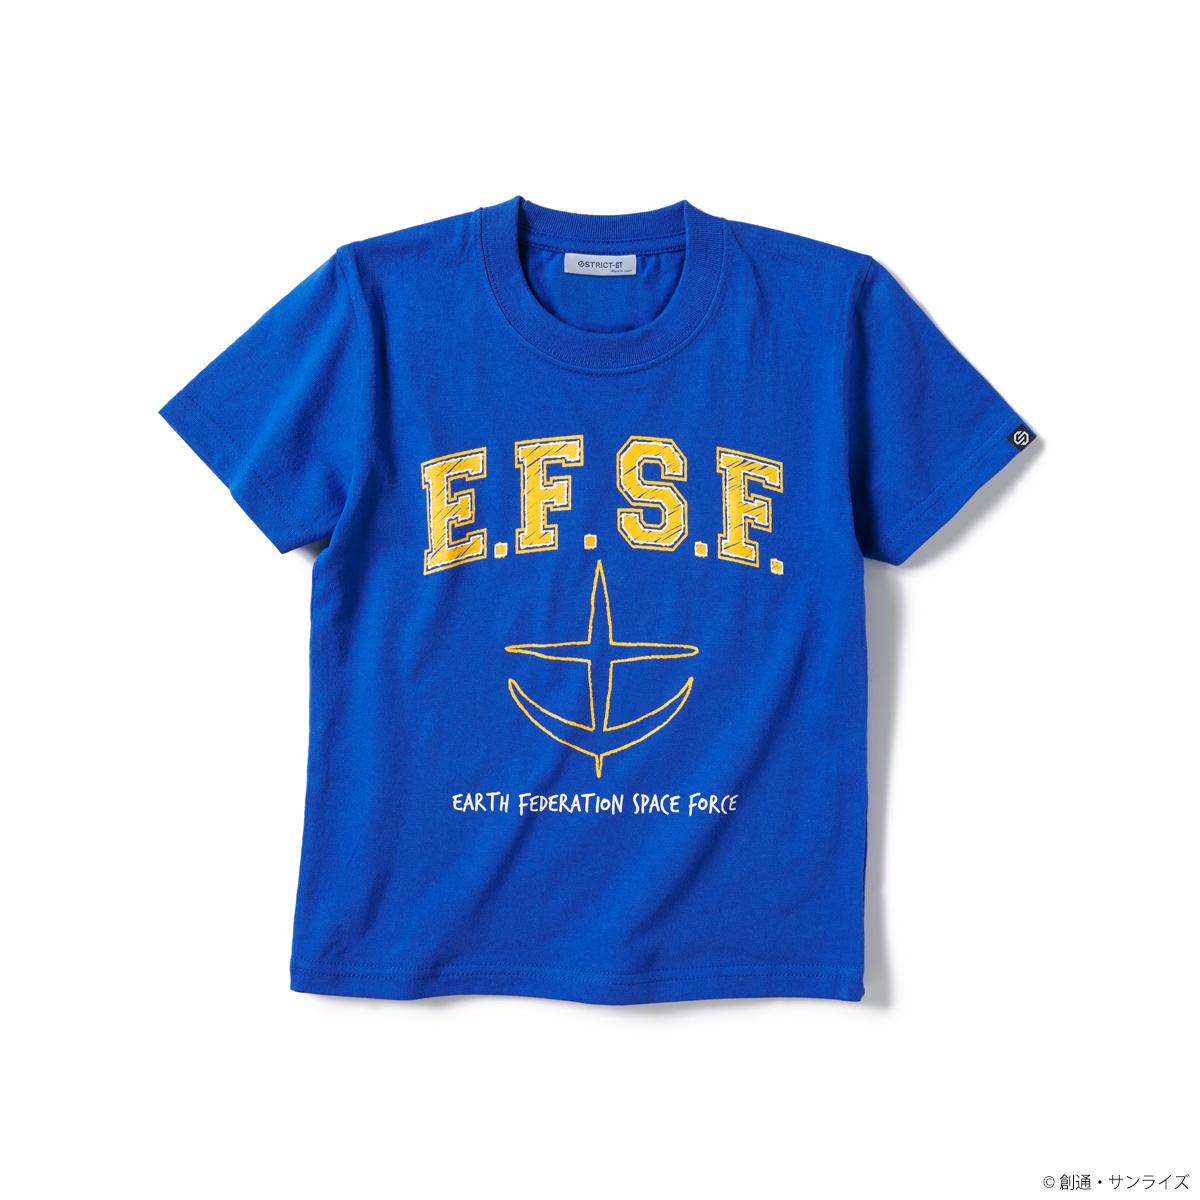 『機動戦士ガンダム』キッズTシャツ E.F.S.F.柄